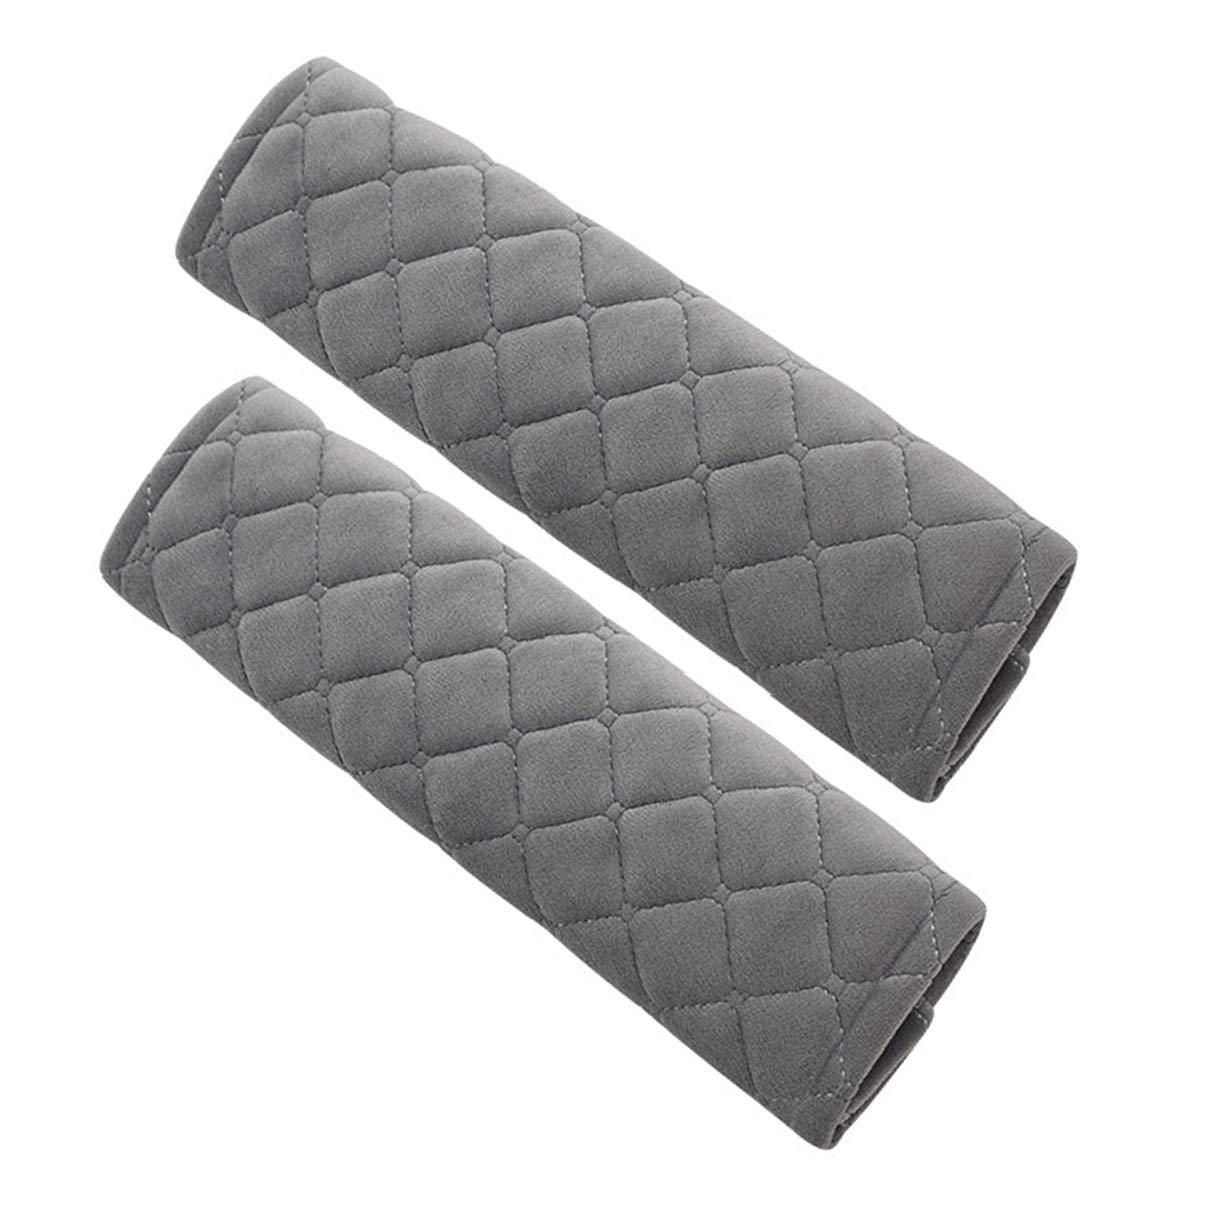 2 pezzi Cumay Guaine per cintura di sicurezza, Imbottiture Cintura, auto cintura di sicurezza comfort, Protezioni Comfort per Cintura di Sicurezza Auto Per bambini e adulti (Beige) Honsen